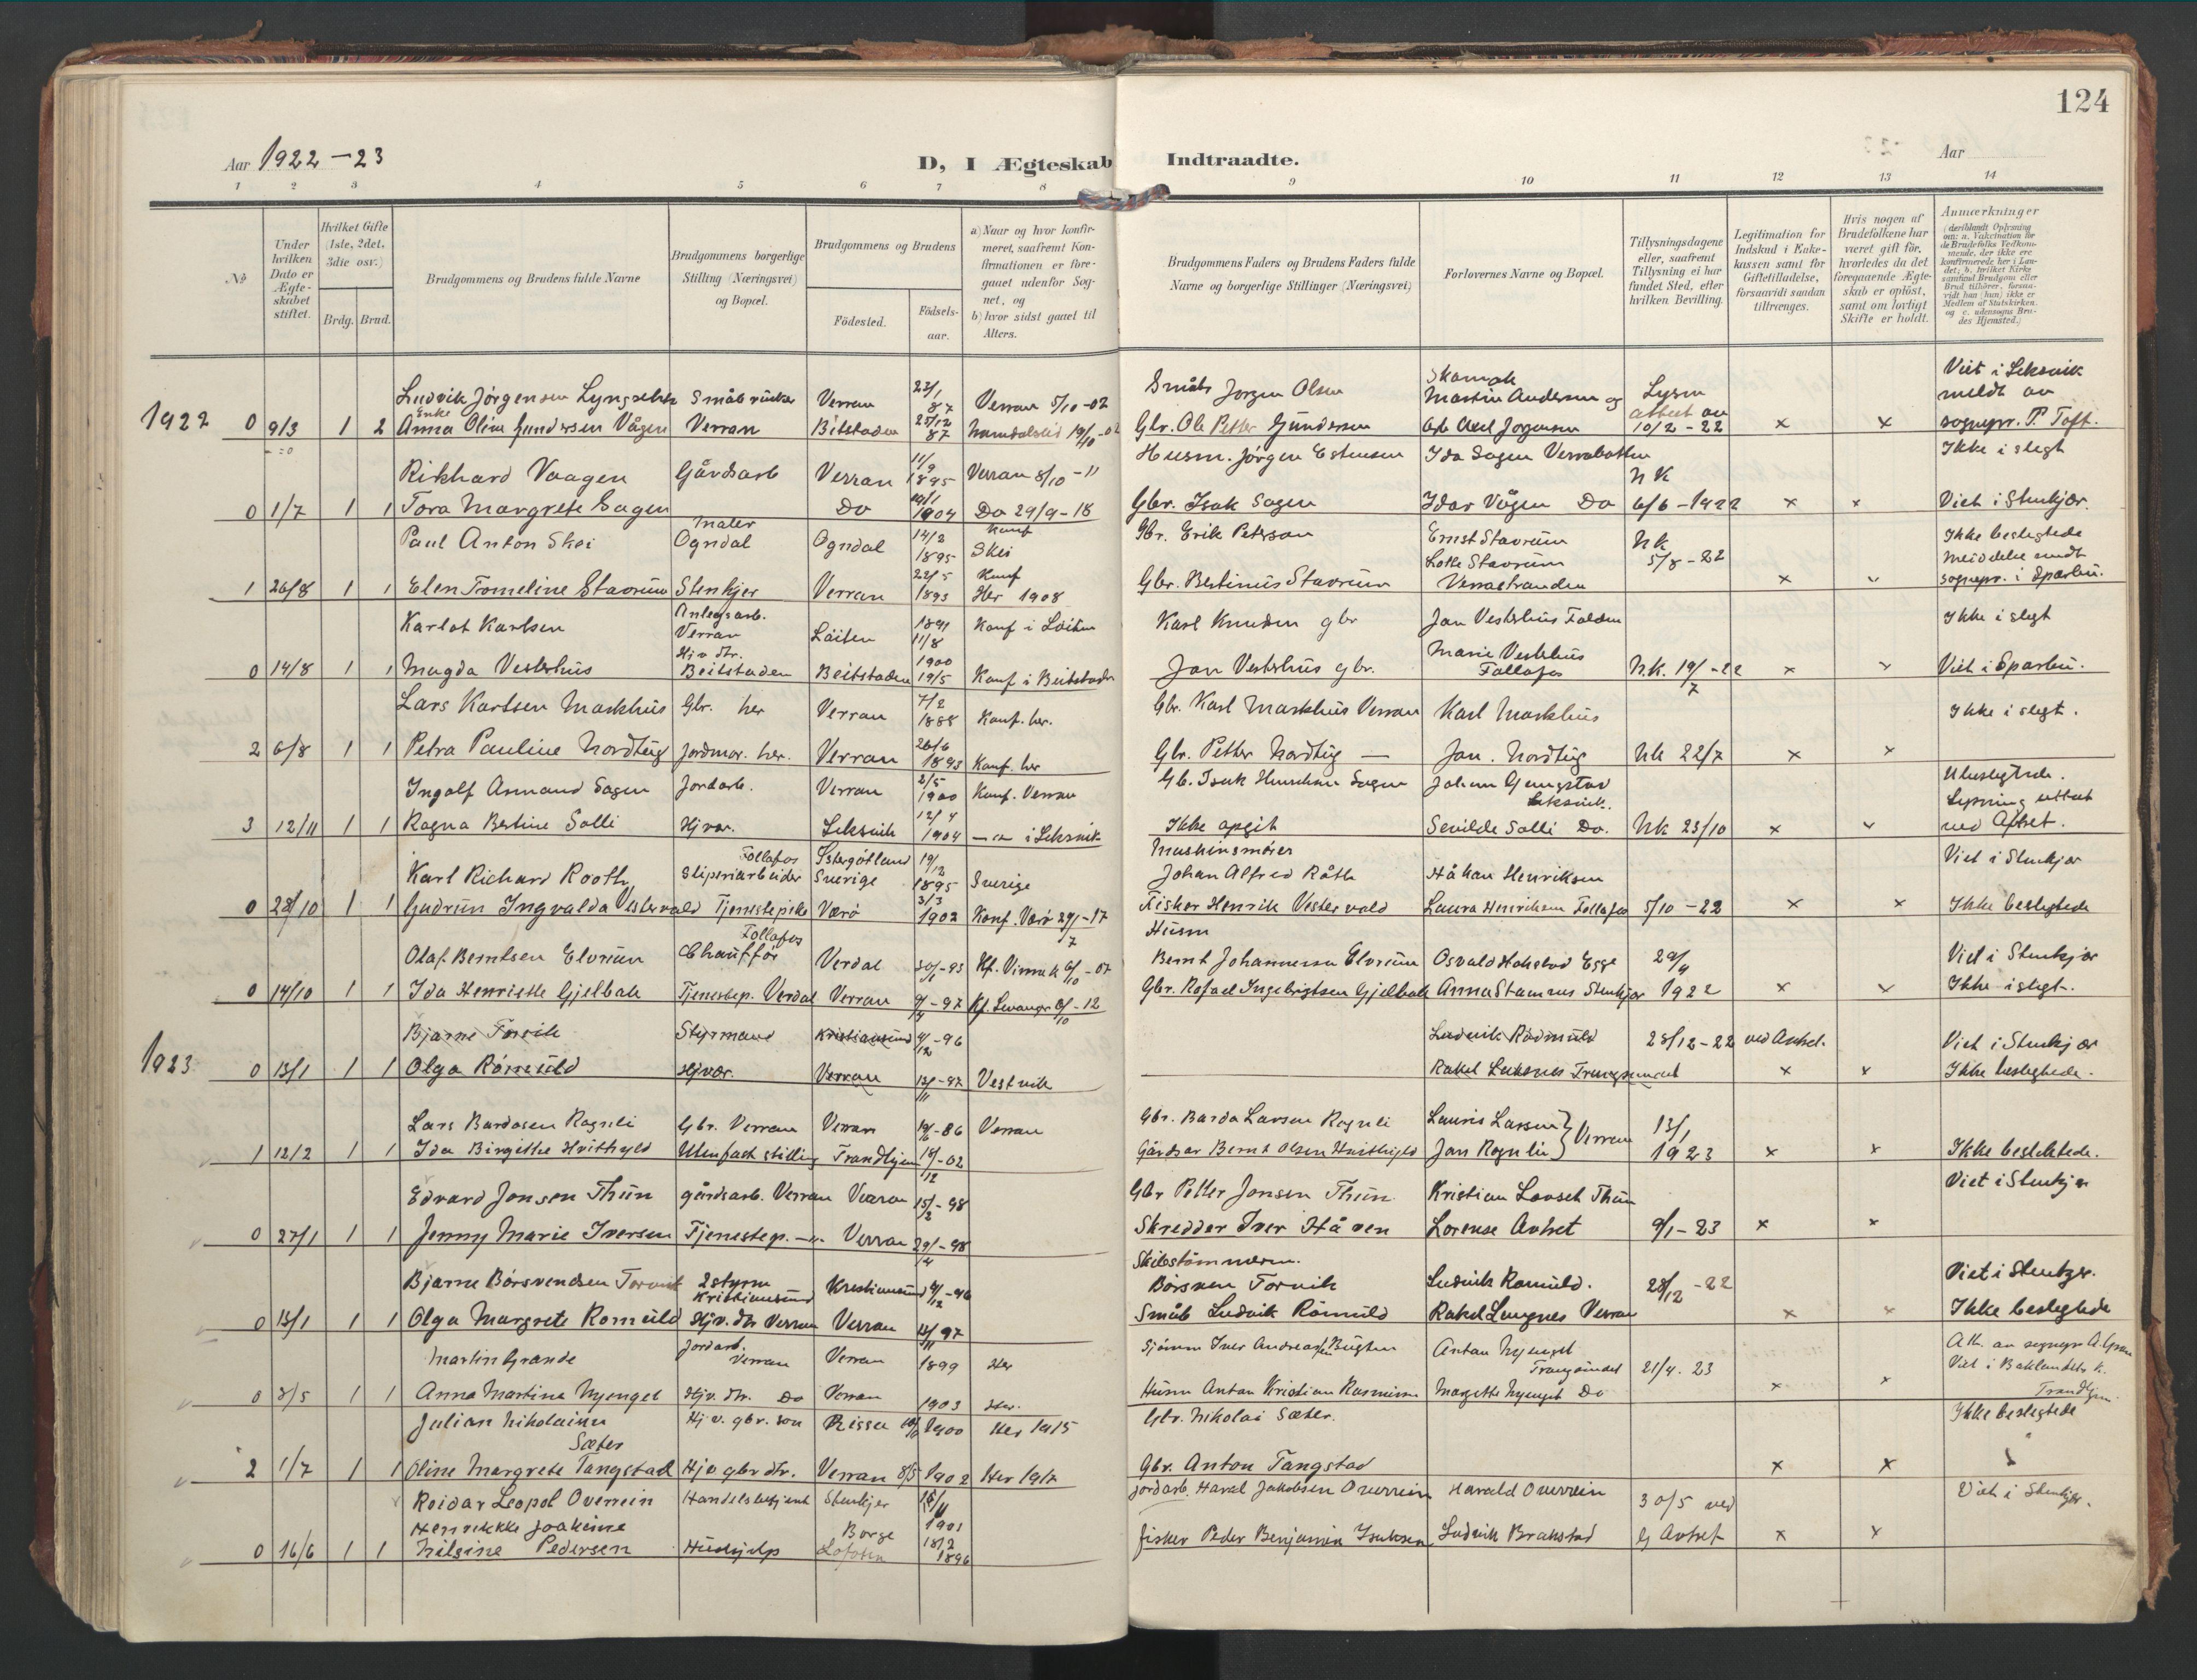 SAT, Ministerialprotokoller, klokkerbøker og fødselsregistre - Nord-Trøndelag, 744/L0421: Ministerialbok nr. 744A05, 1905-1930, s. 124